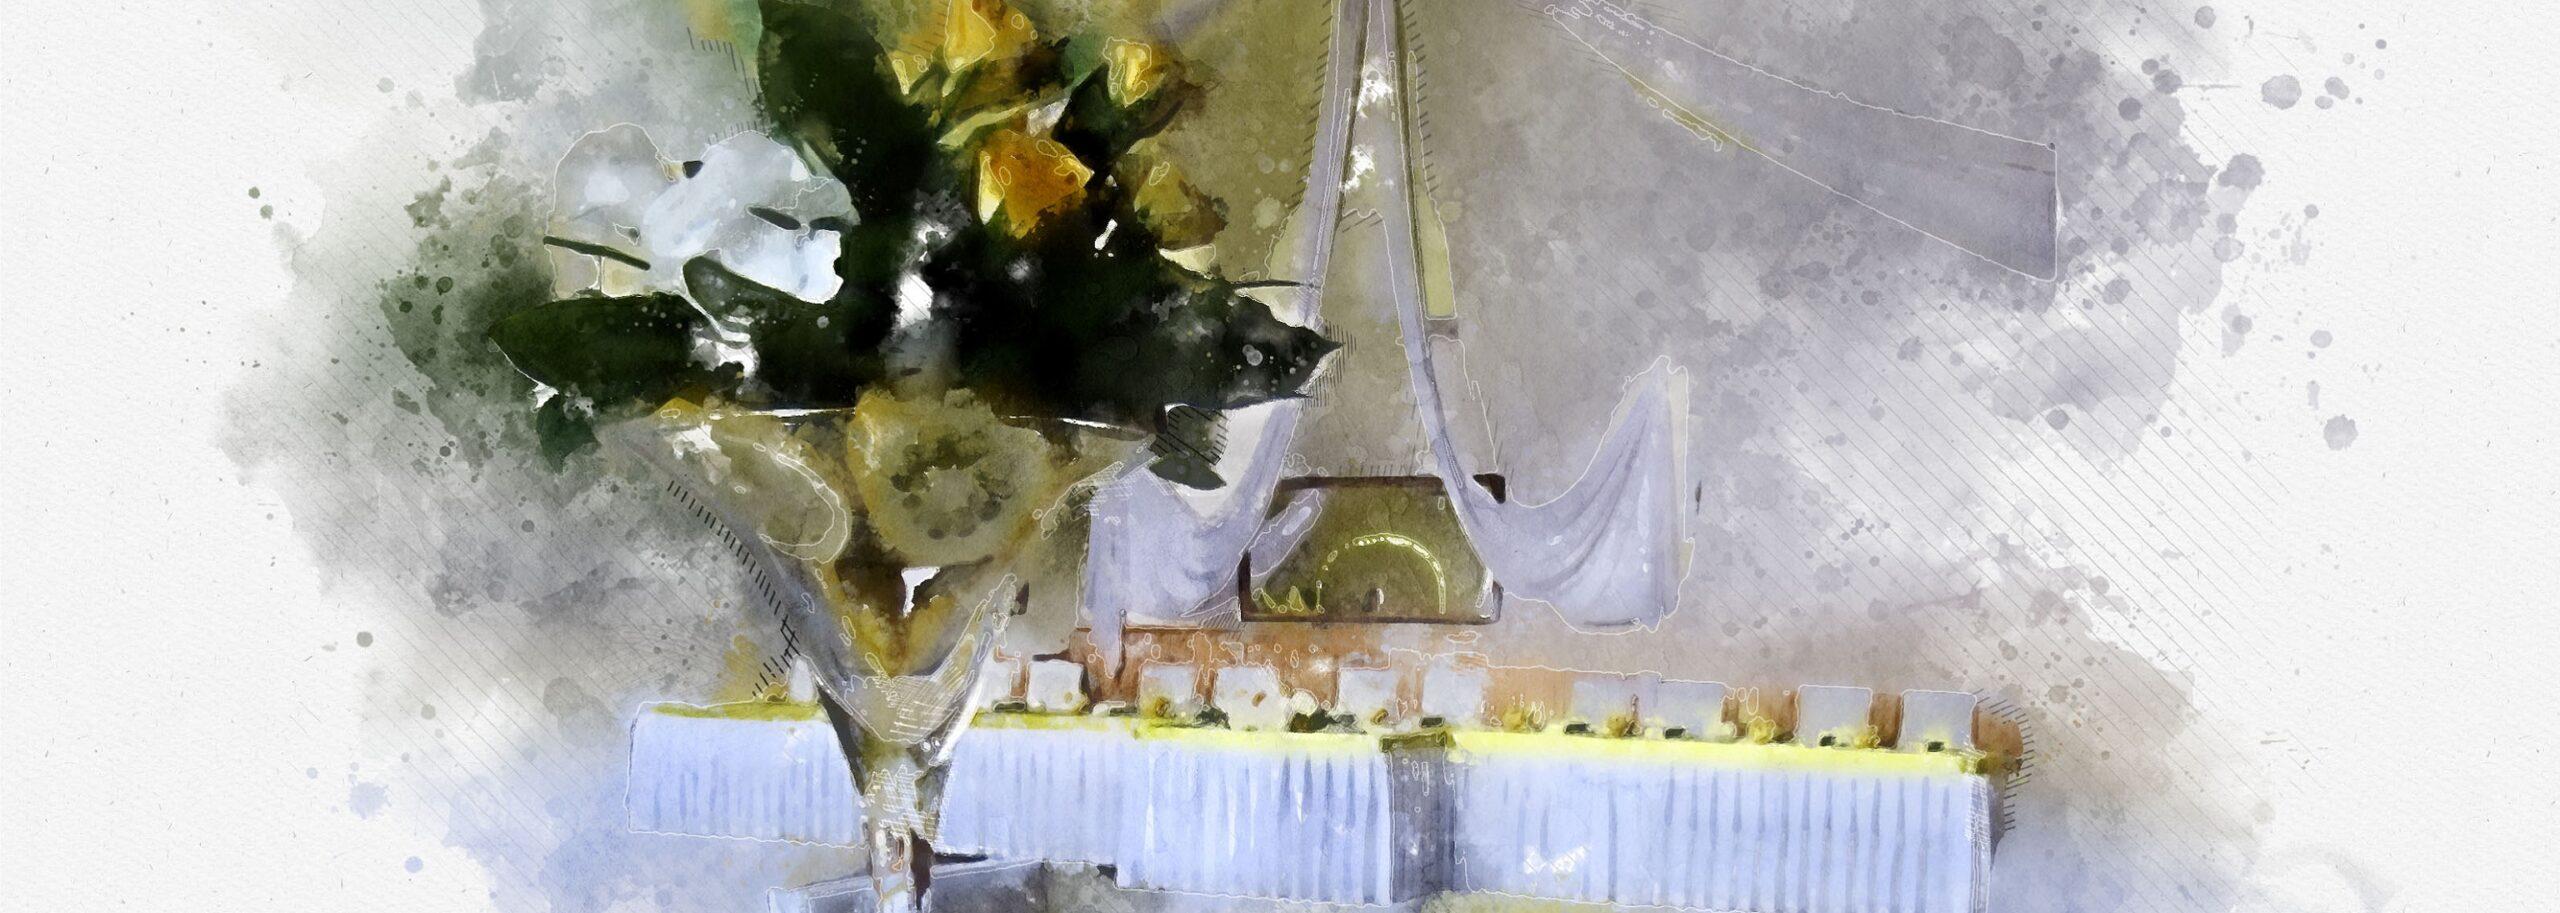 Svadobné doplnky - evkakvety-eshop.eu